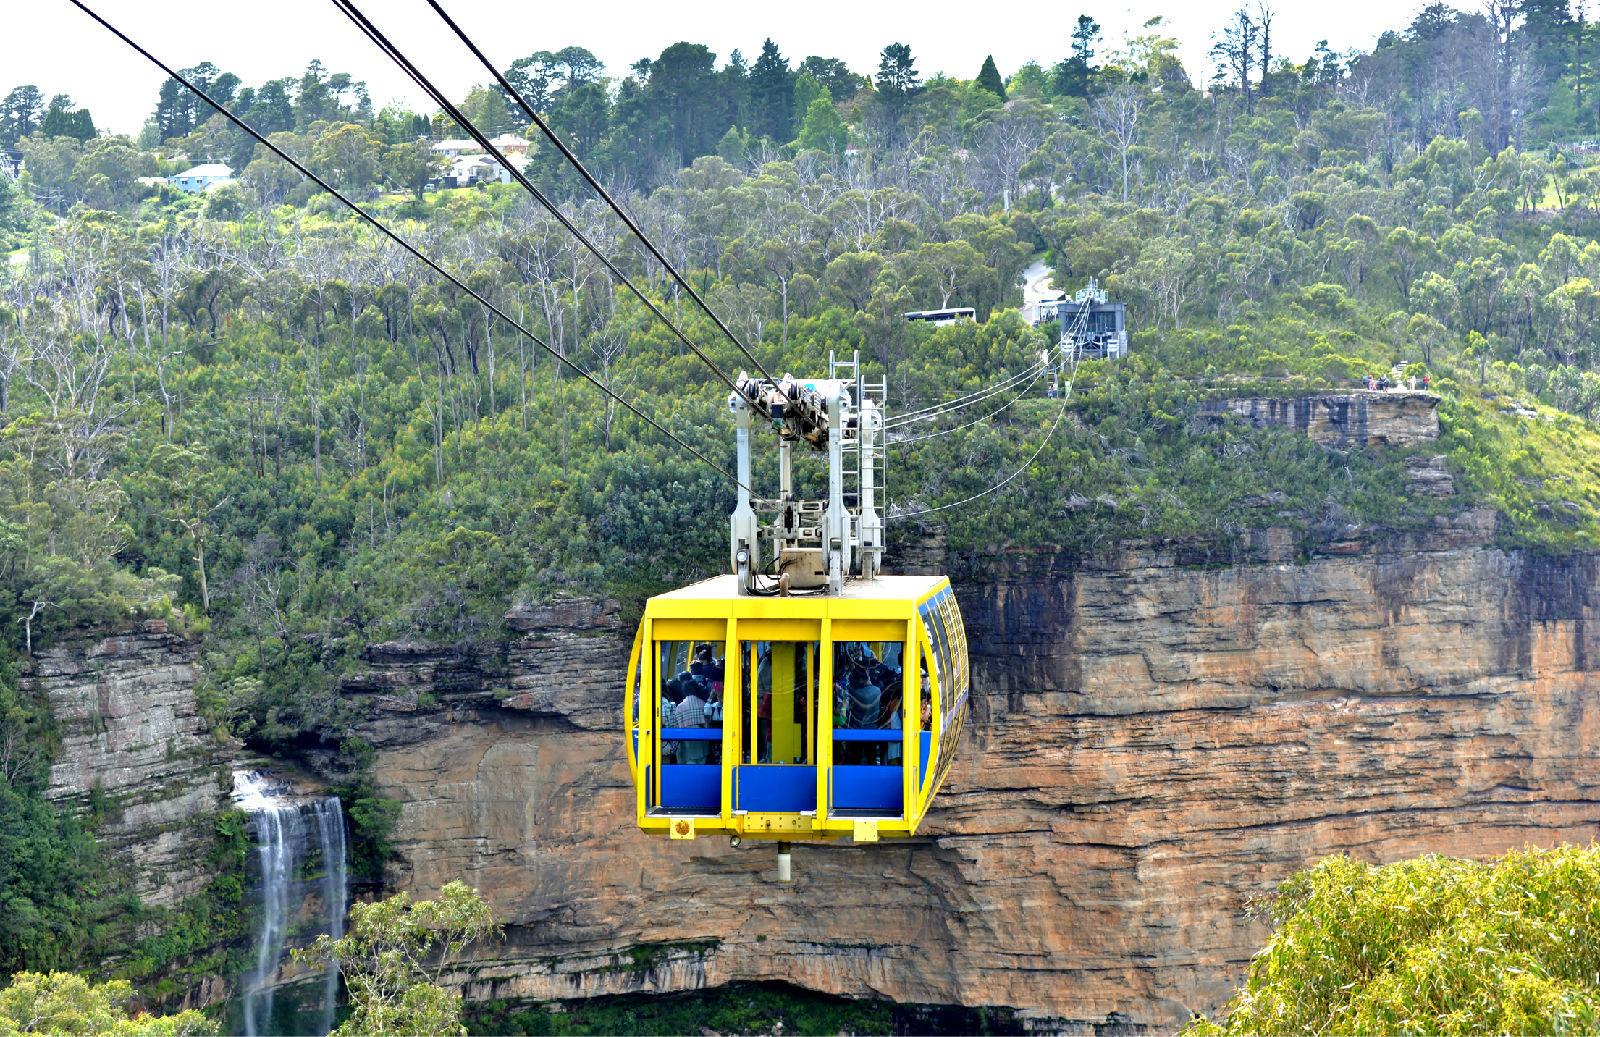 澳大利亚旅游攻略图片378